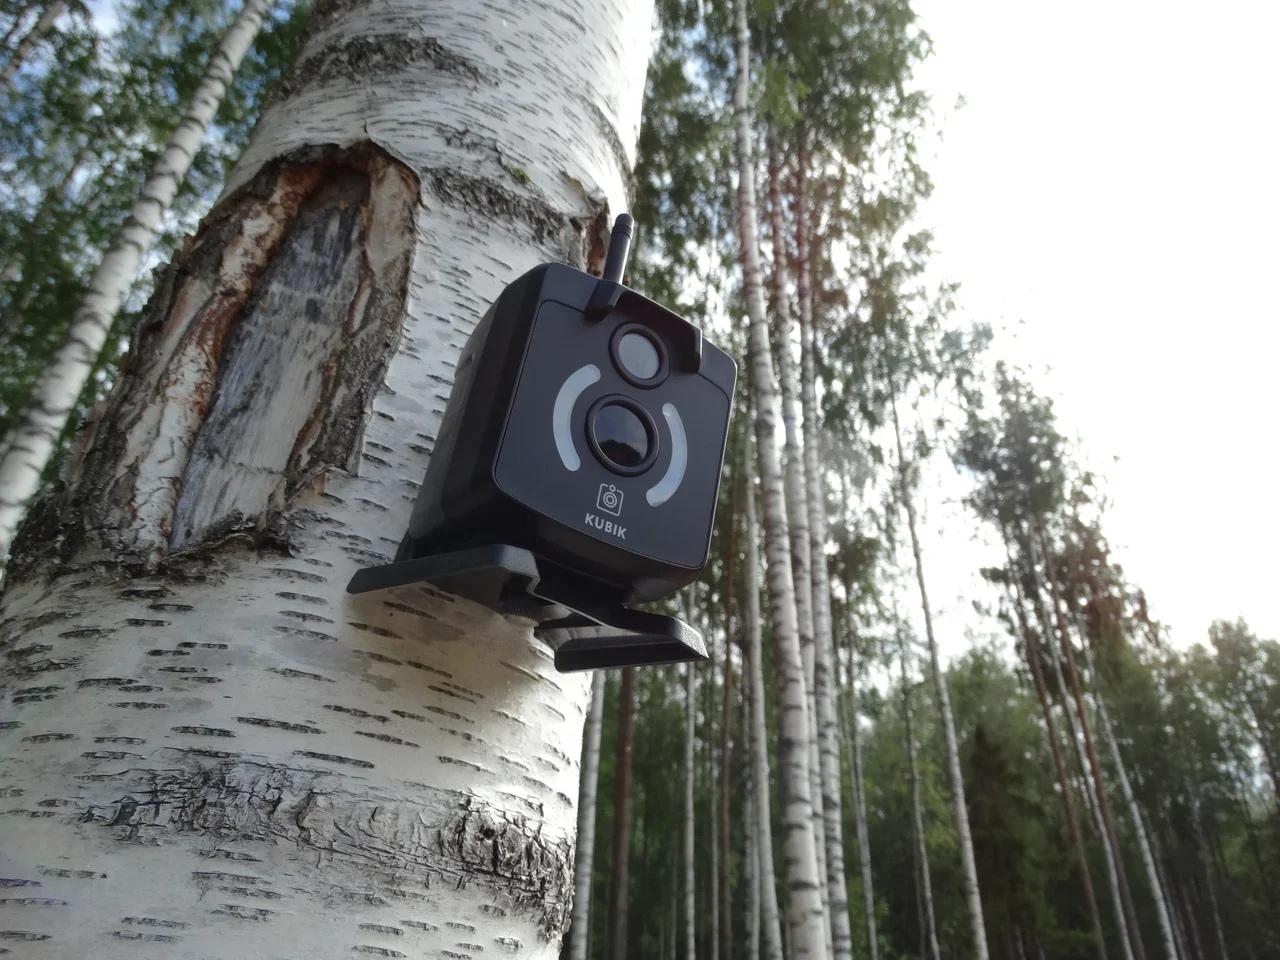 фотоловушки для охраны дачи отзывы